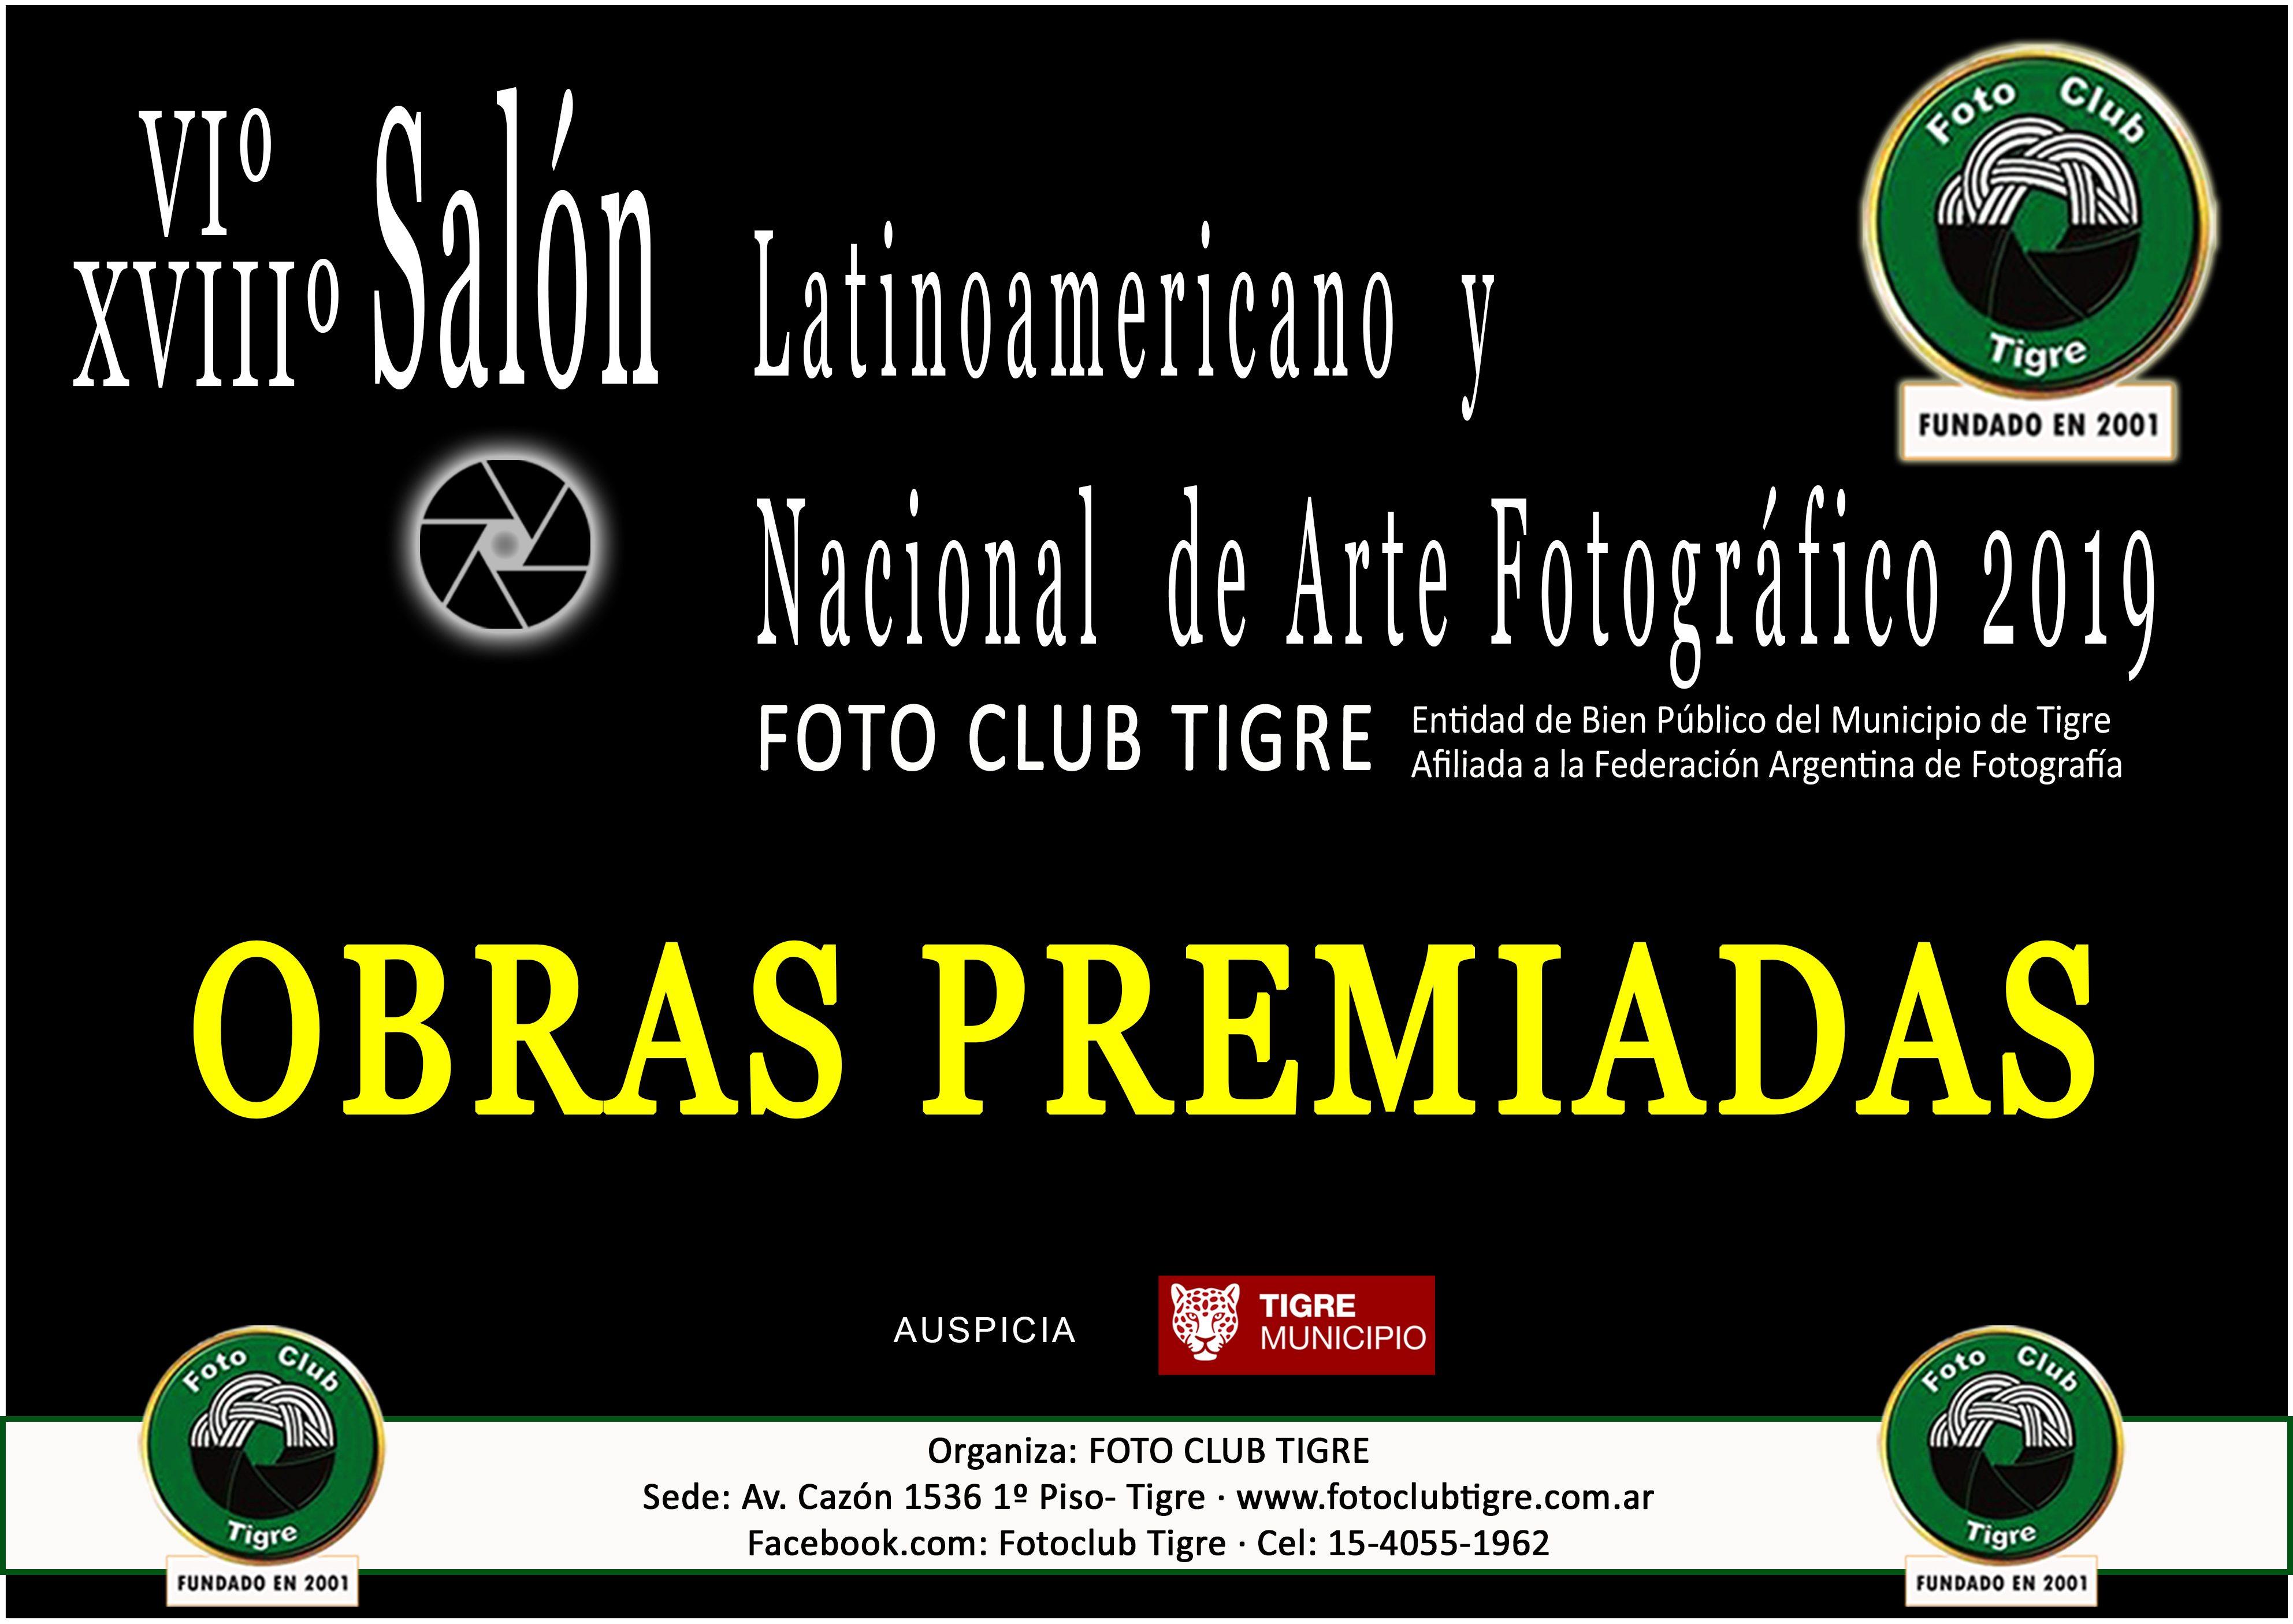 Premios del VIº Salón Latinoameriano y XVIIIº Salón Nacional de Arte Fotográfico del Fotoclub Tigre 2019